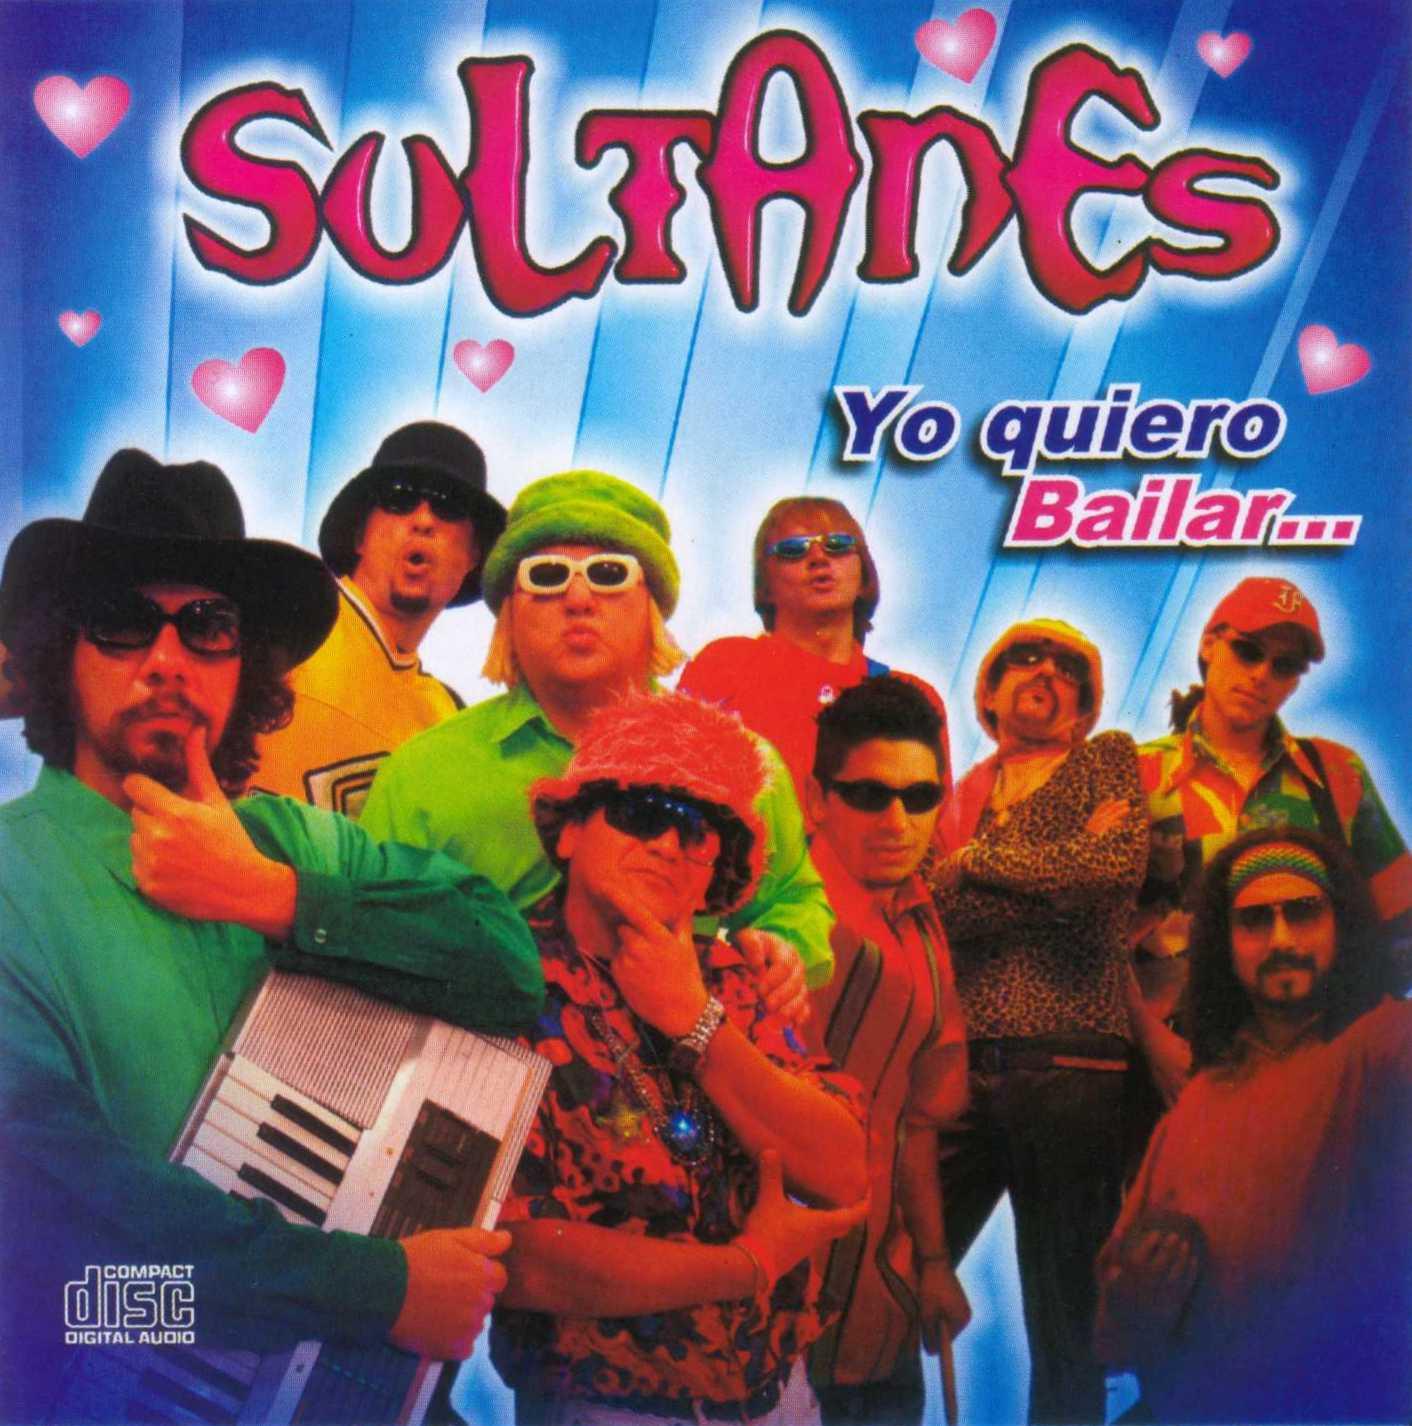 Los Sultanes - Yo quiero bailar...